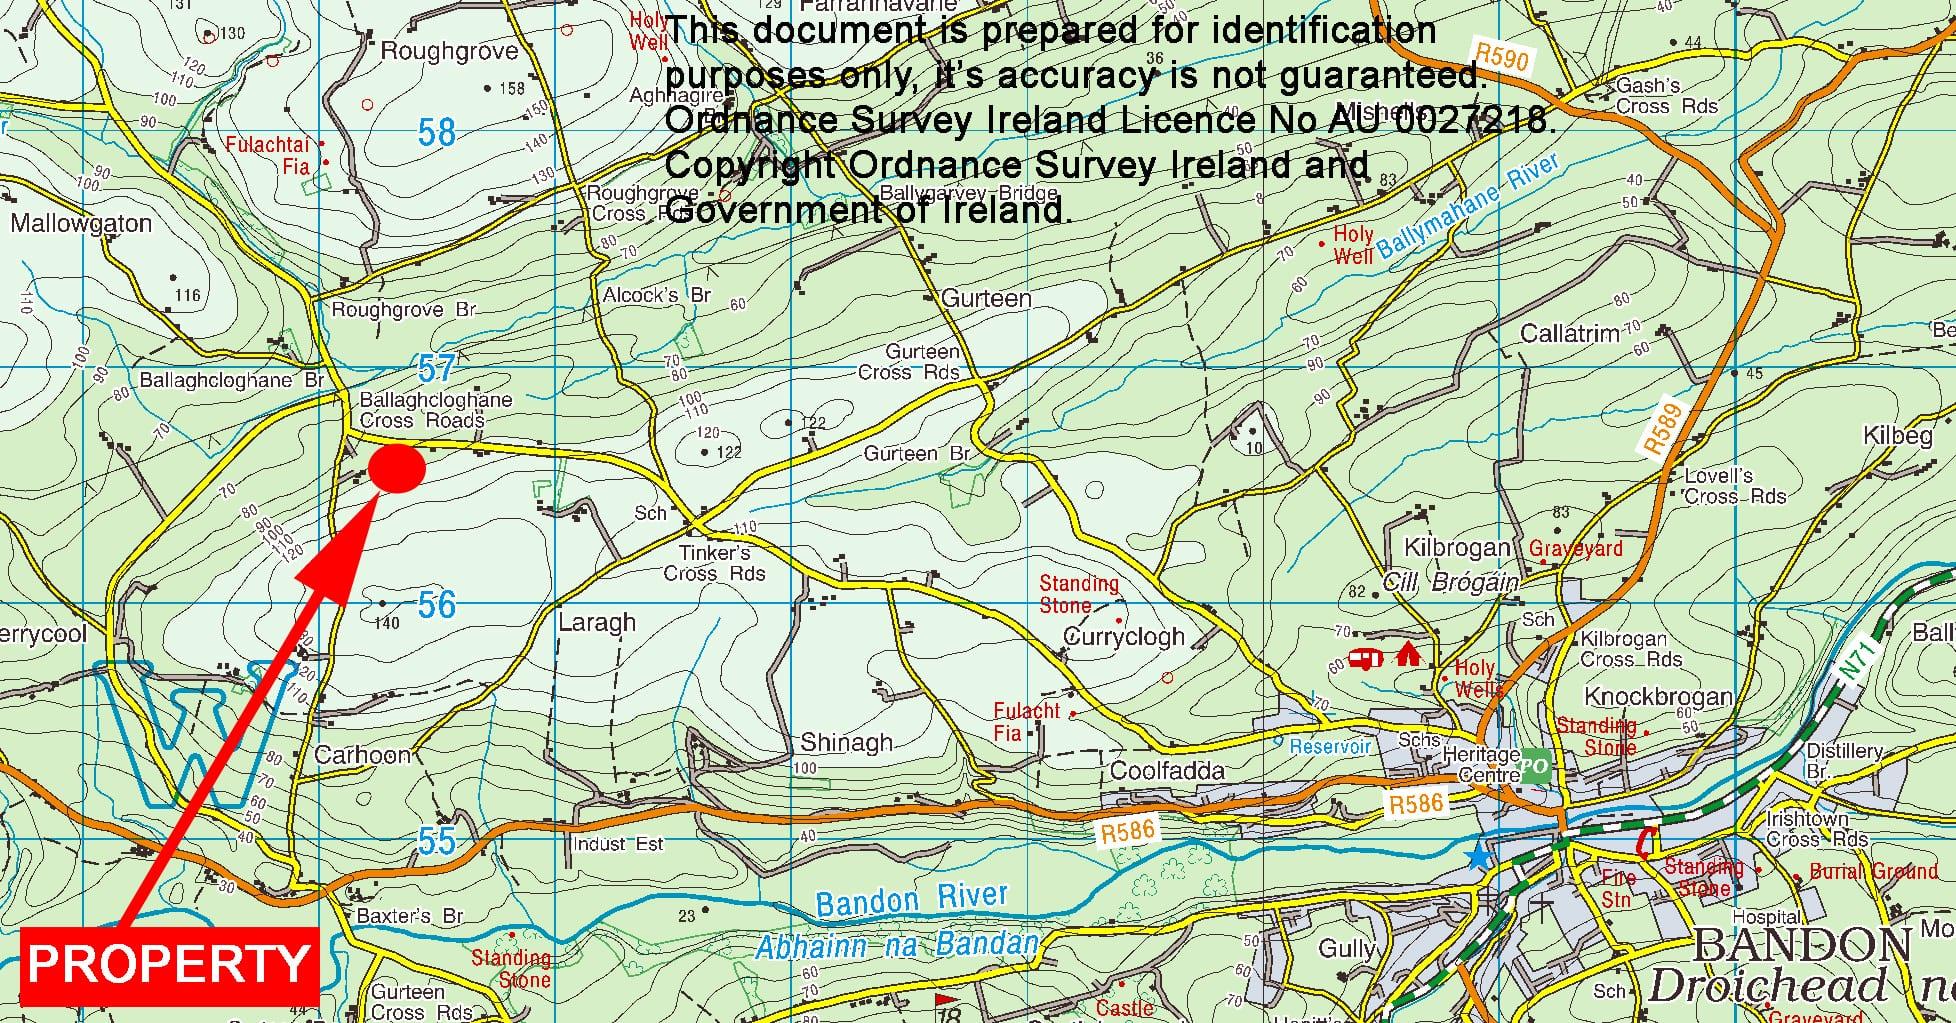 24. Location Map